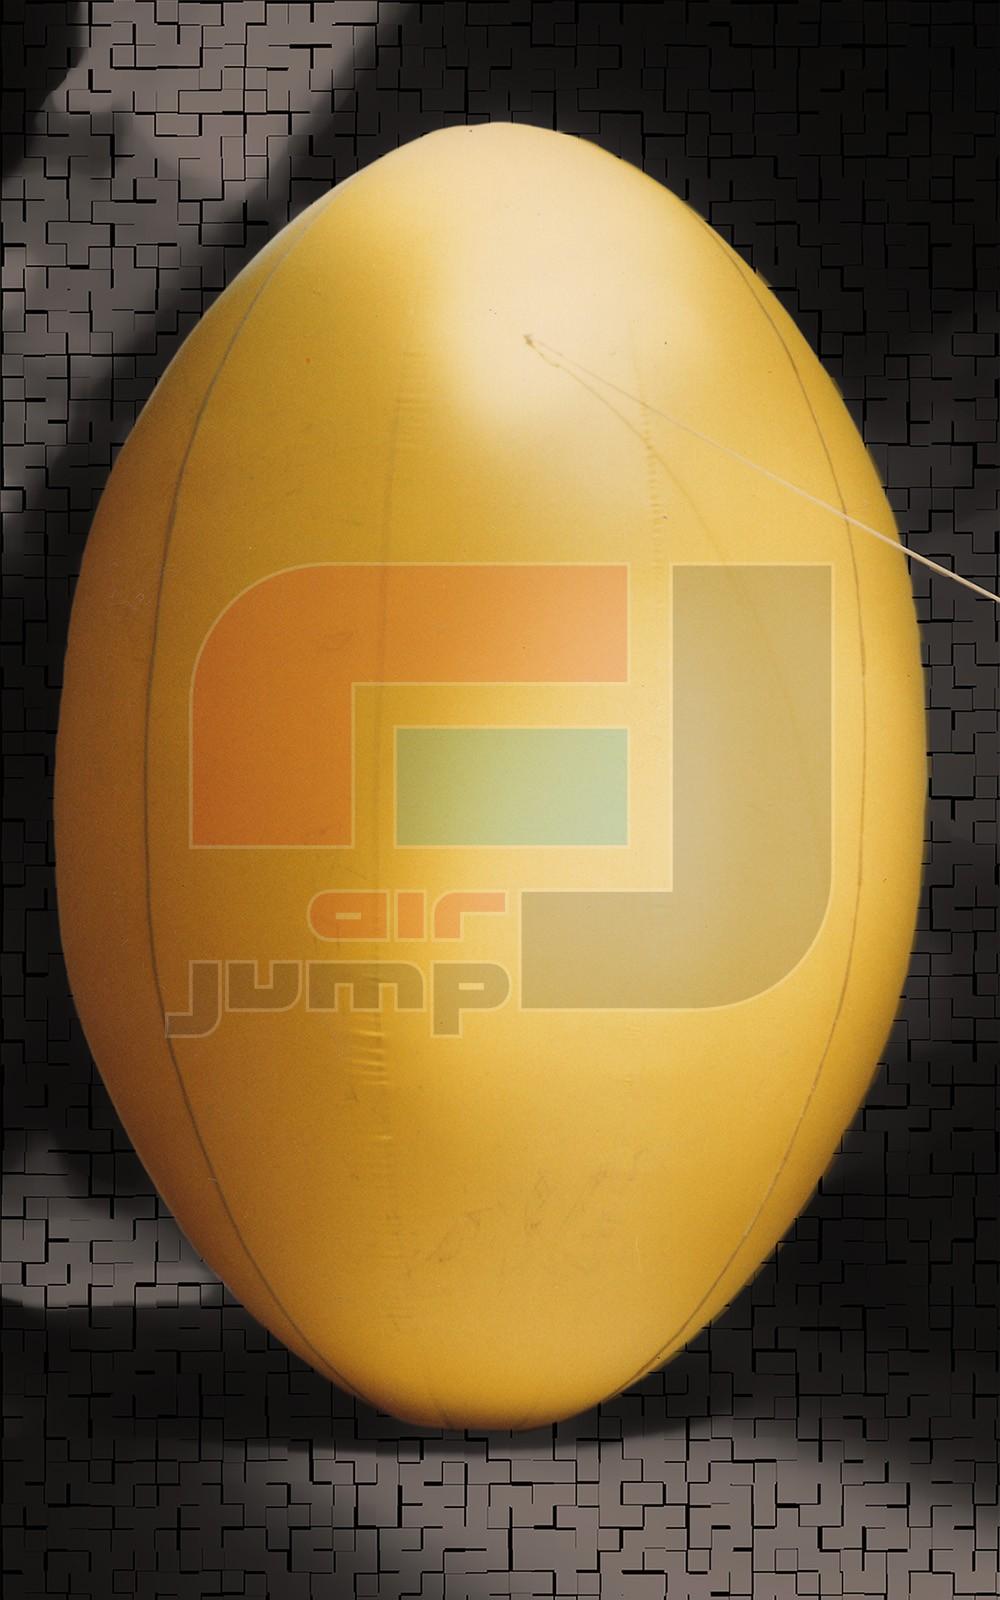 pelota de rugby 001